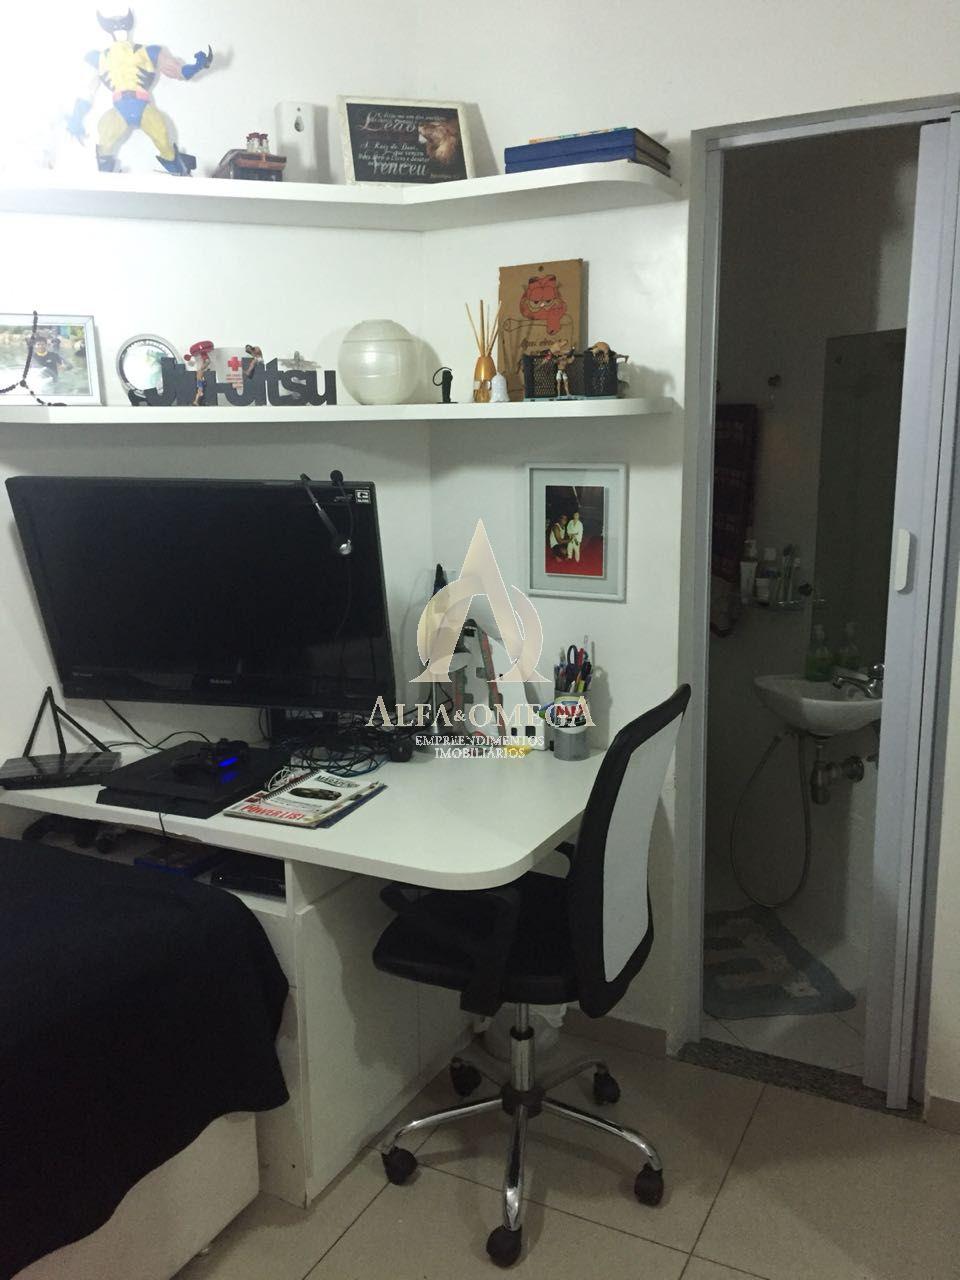 FOTO 17 - Apartamento 2 quartos para venda e aluguel Barra da Tijuca, Rio de Janeiro - R$ 770.000 - AOMH20321 - 18